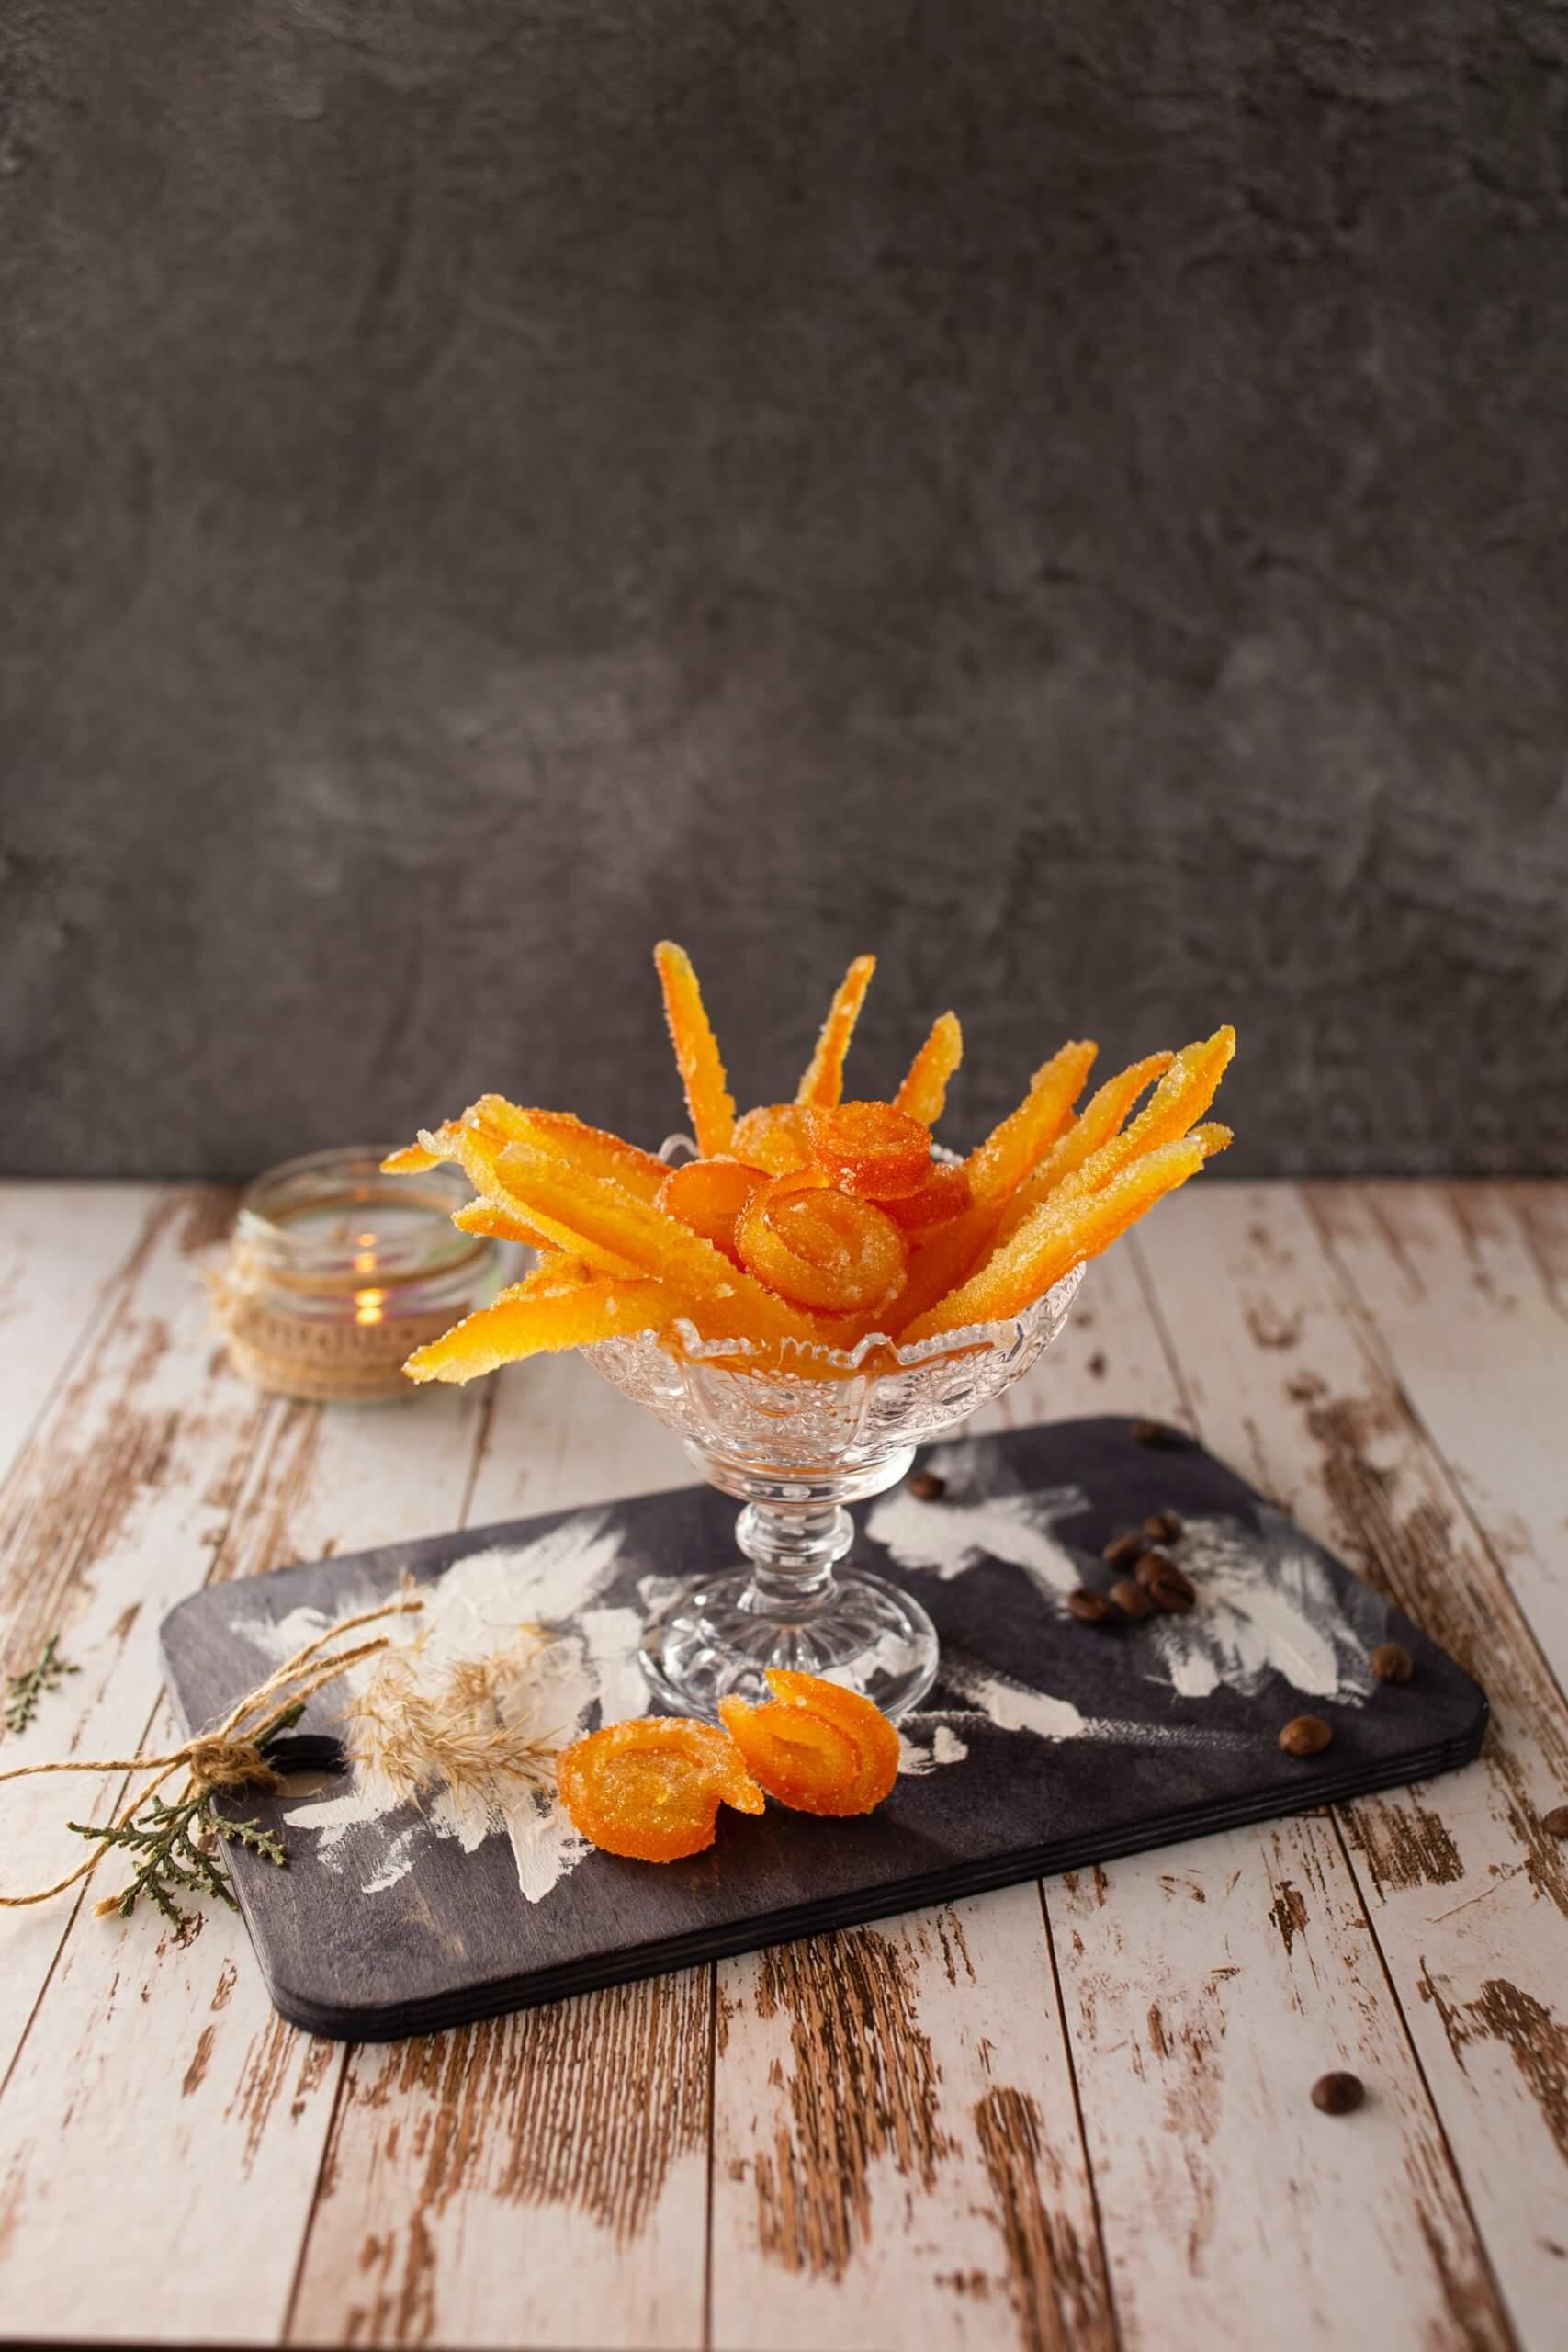 Цукаты из арбузных корок: их польза и вред, рецепты приготовления